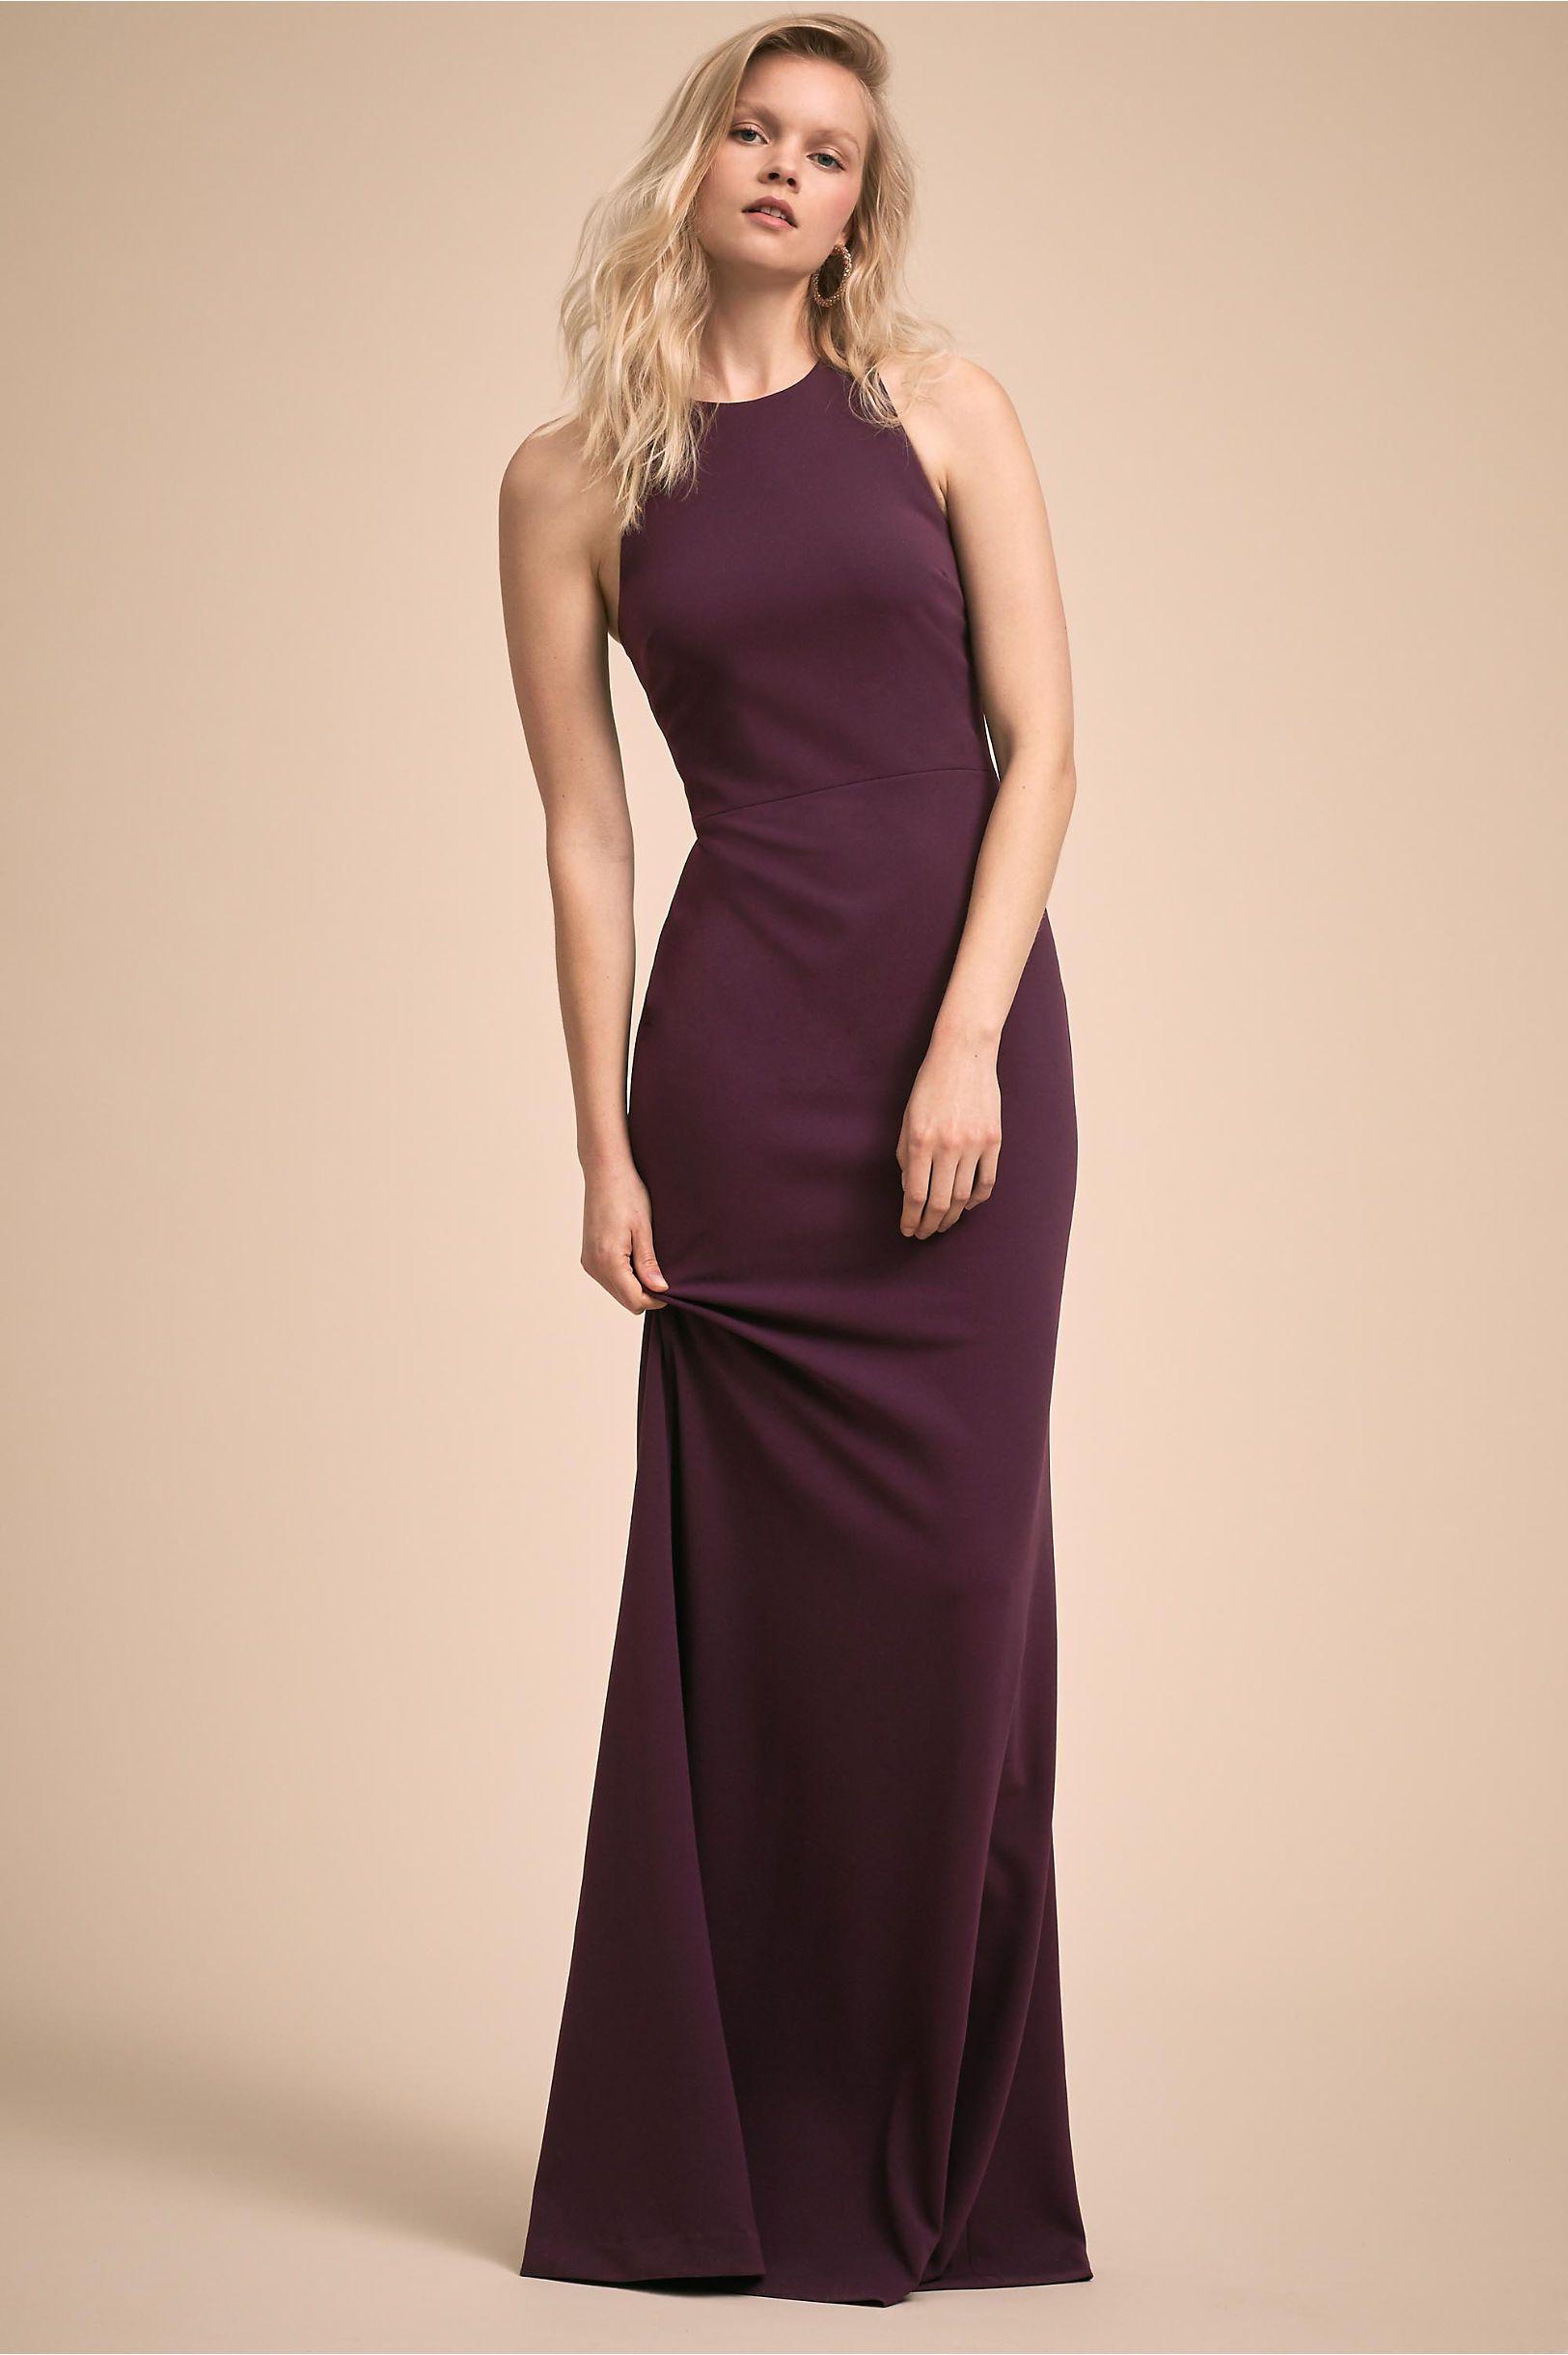 4d7dbb324f BHLDN s Klara Dress in New Plum